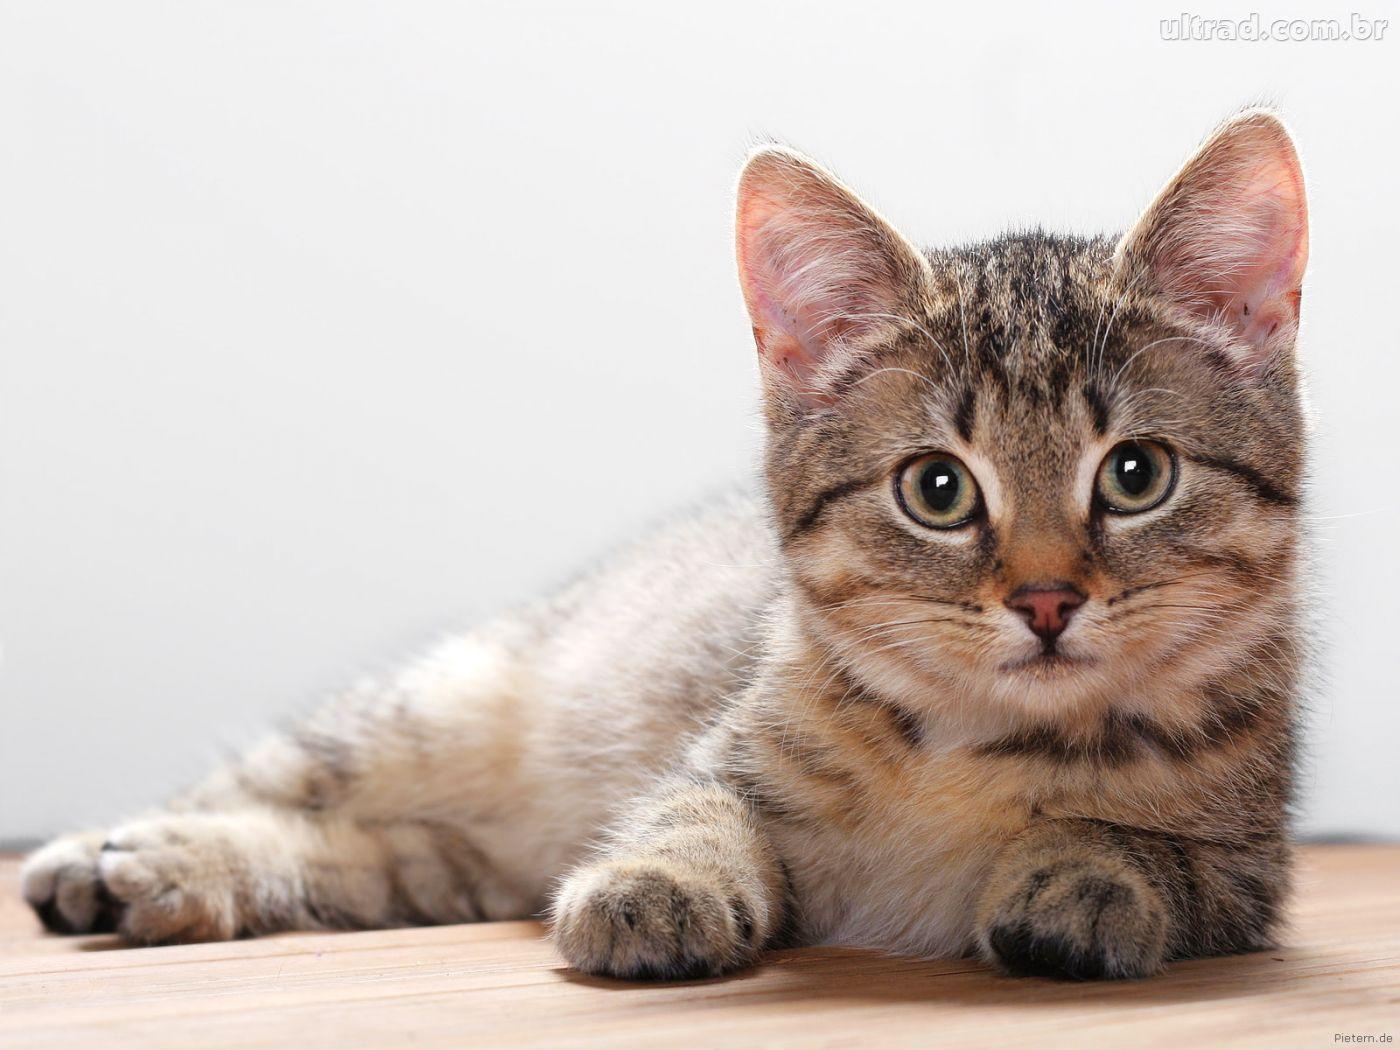 Conheça a história do gato que previu 50 mortes